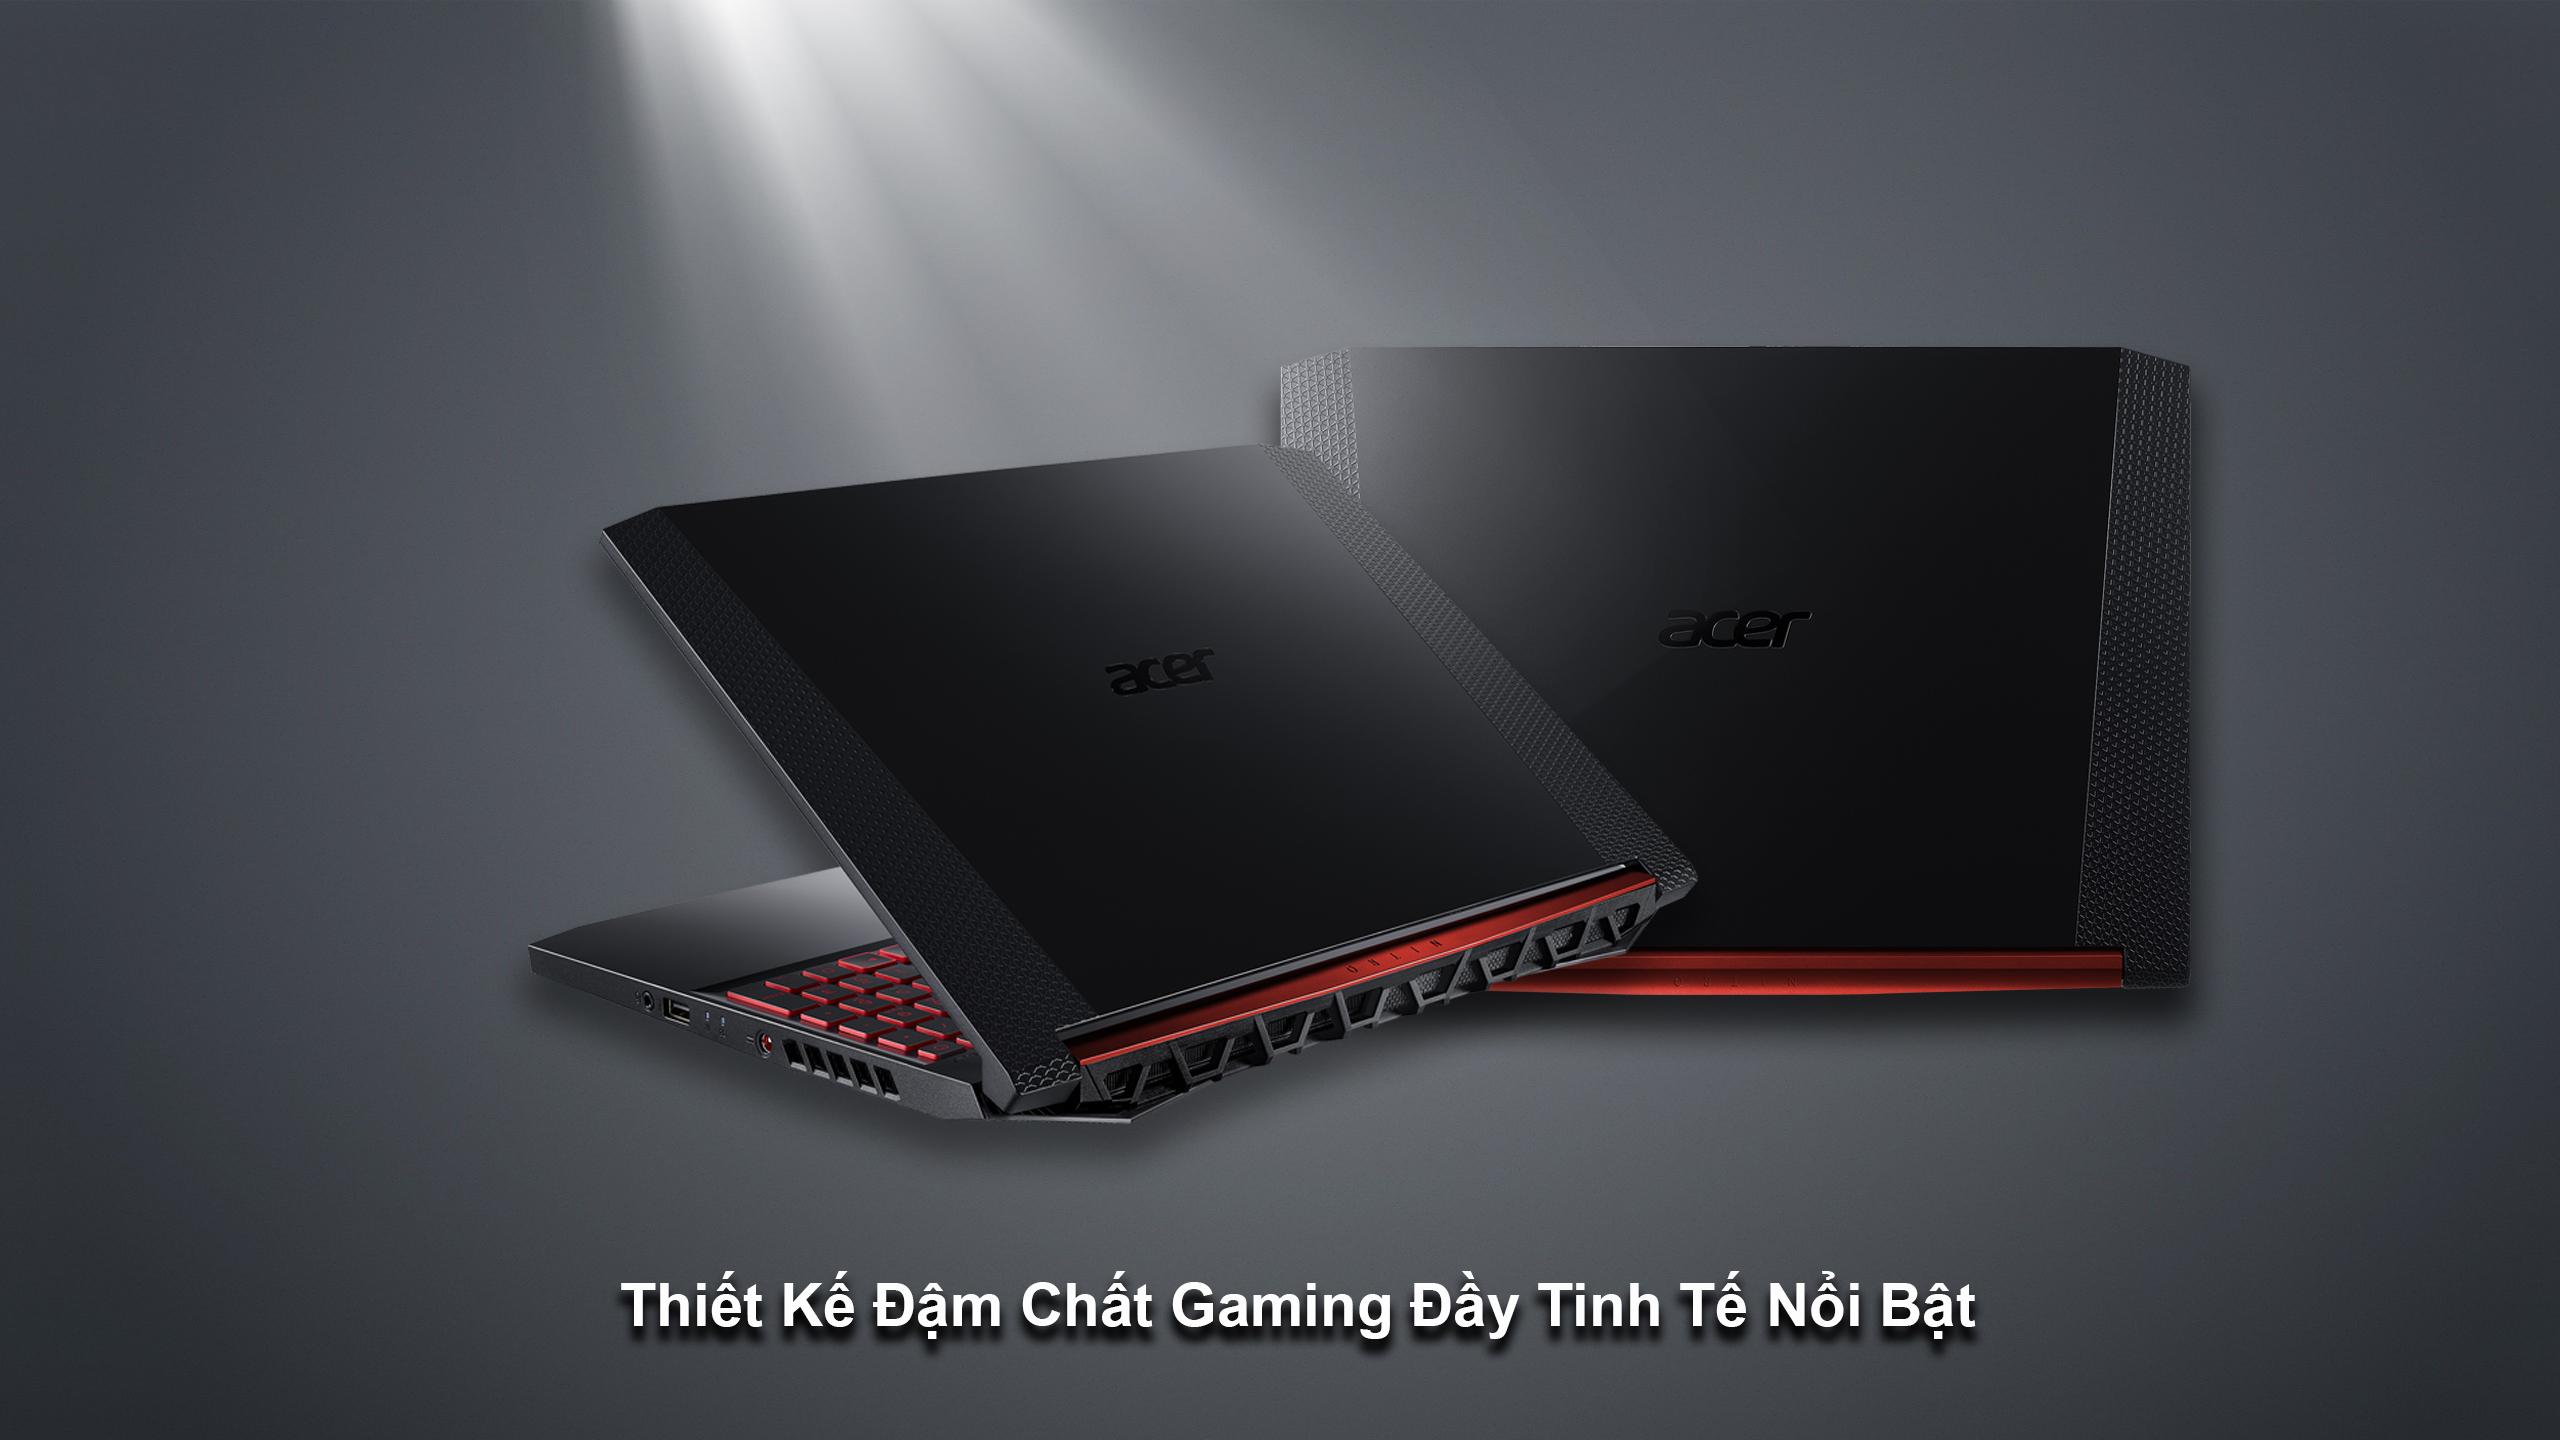 Acer Nitro 5 sở hữu thiết kế mạnh mẽ